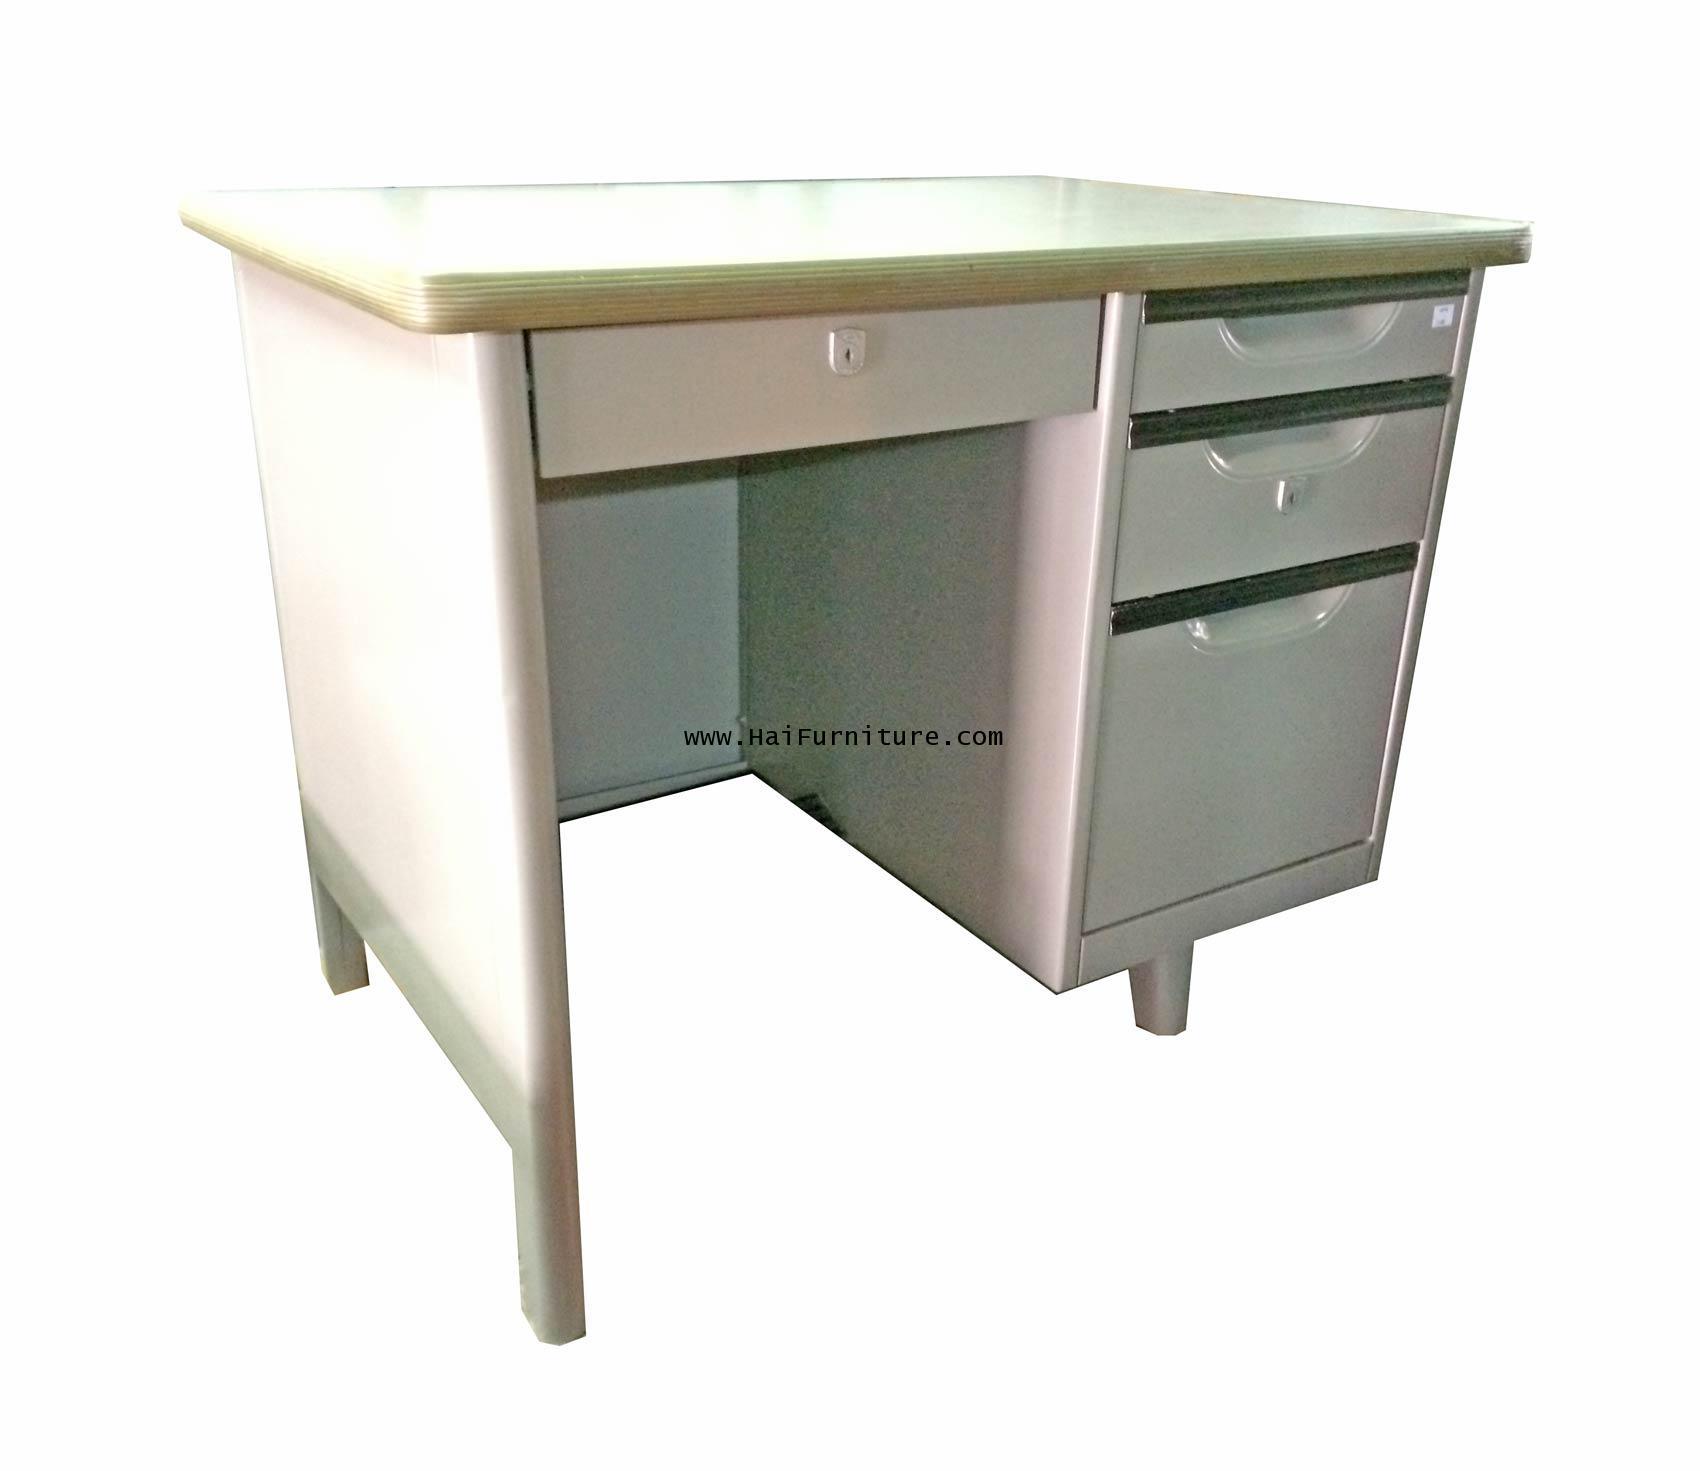 โต๊ะทำงานเหล็ก 3 ฟุต 92*62*74 ซม.